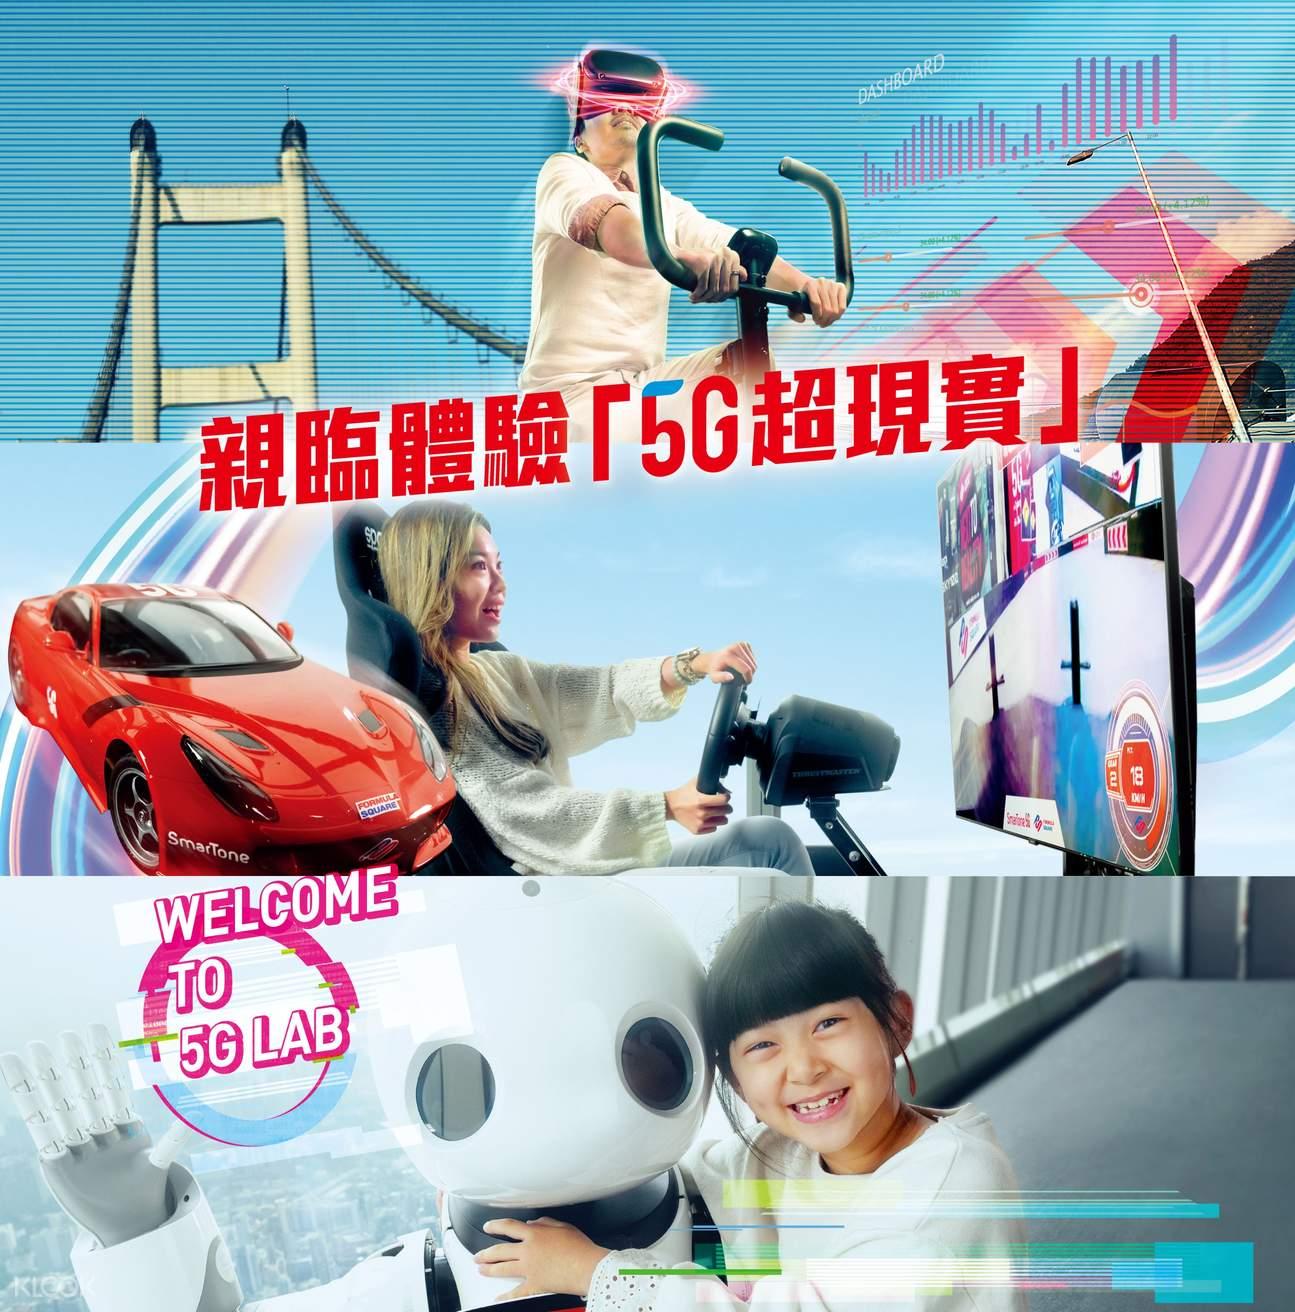 5G科技館